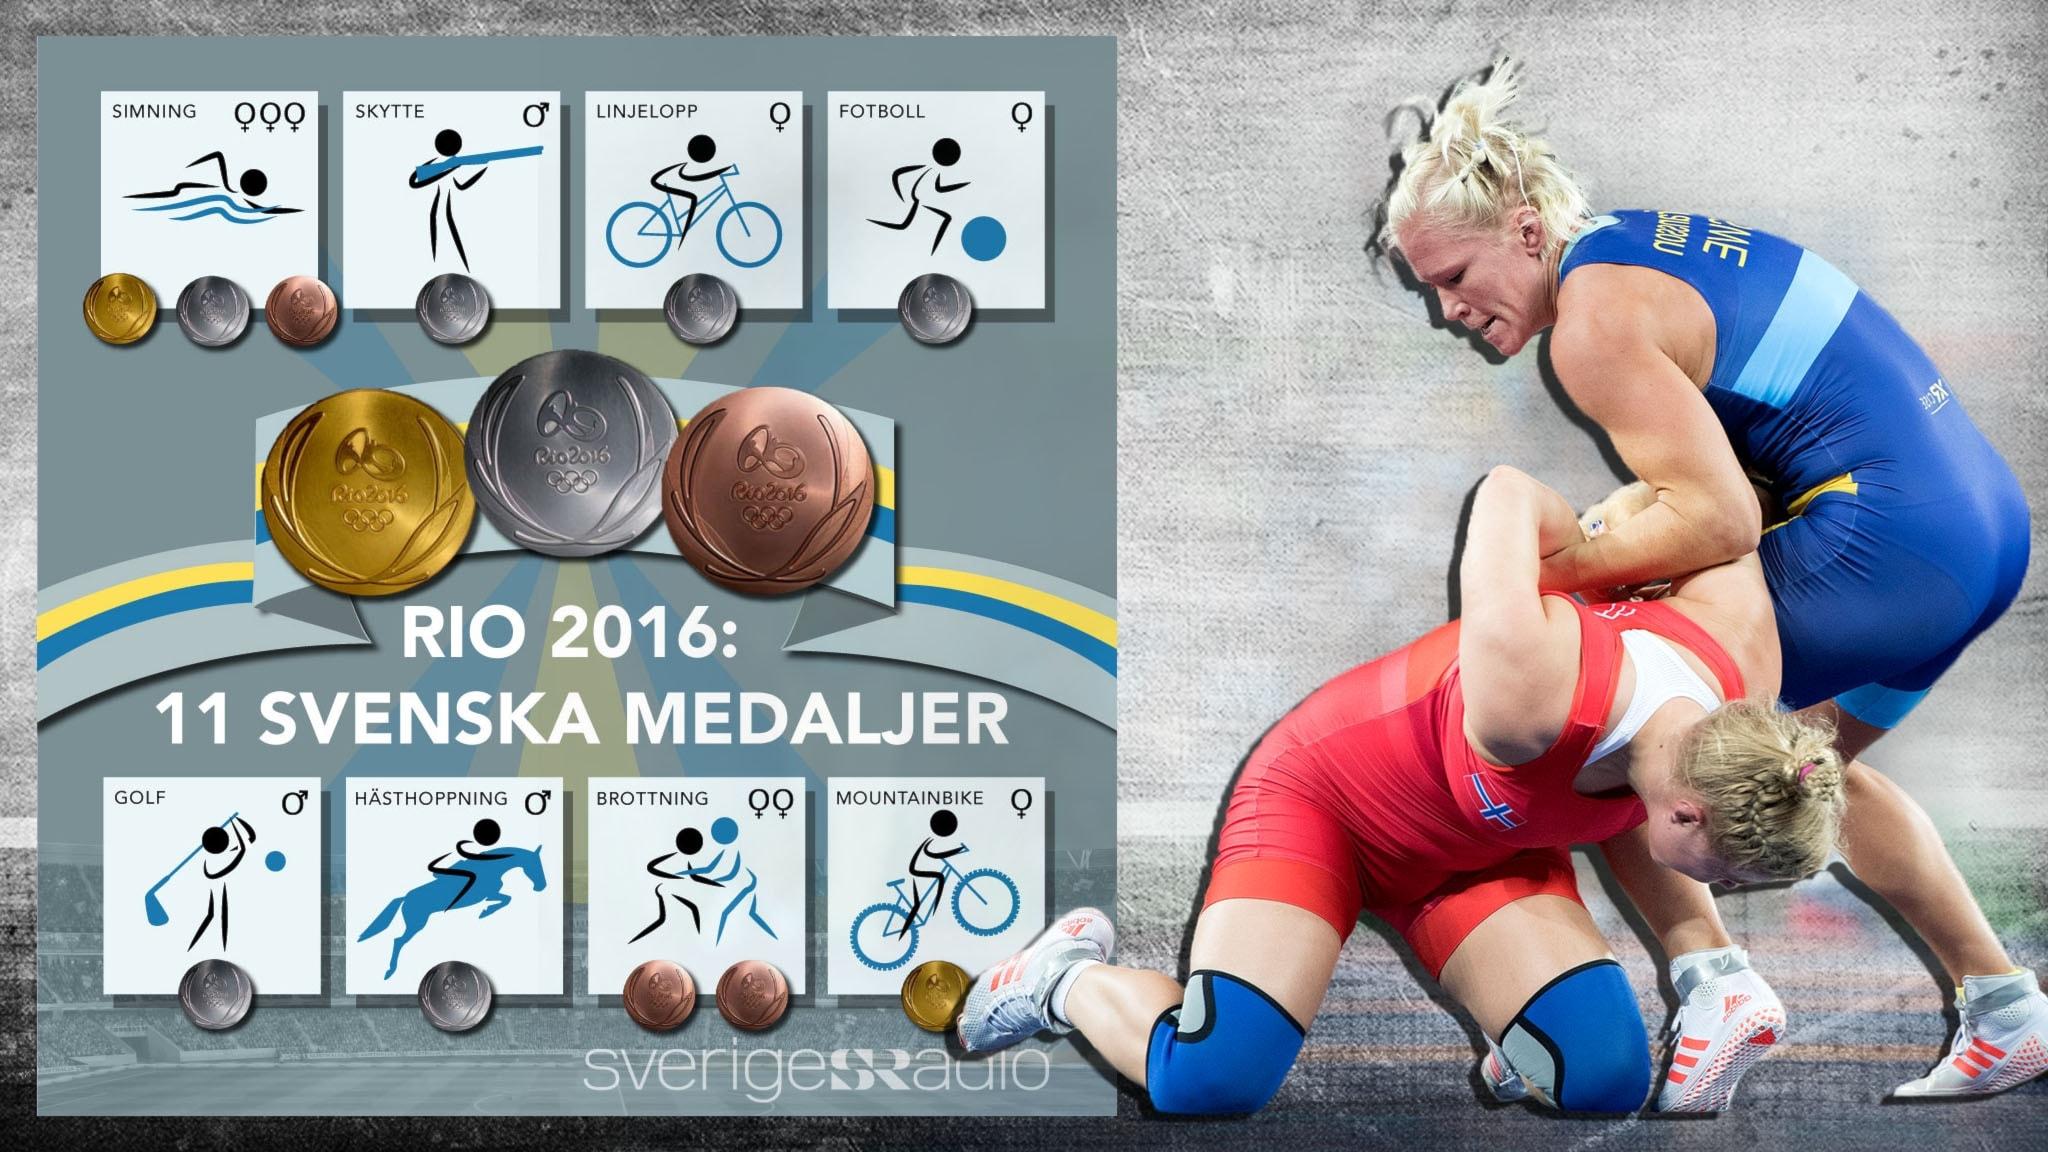 Vitryska os medaljorer dopade